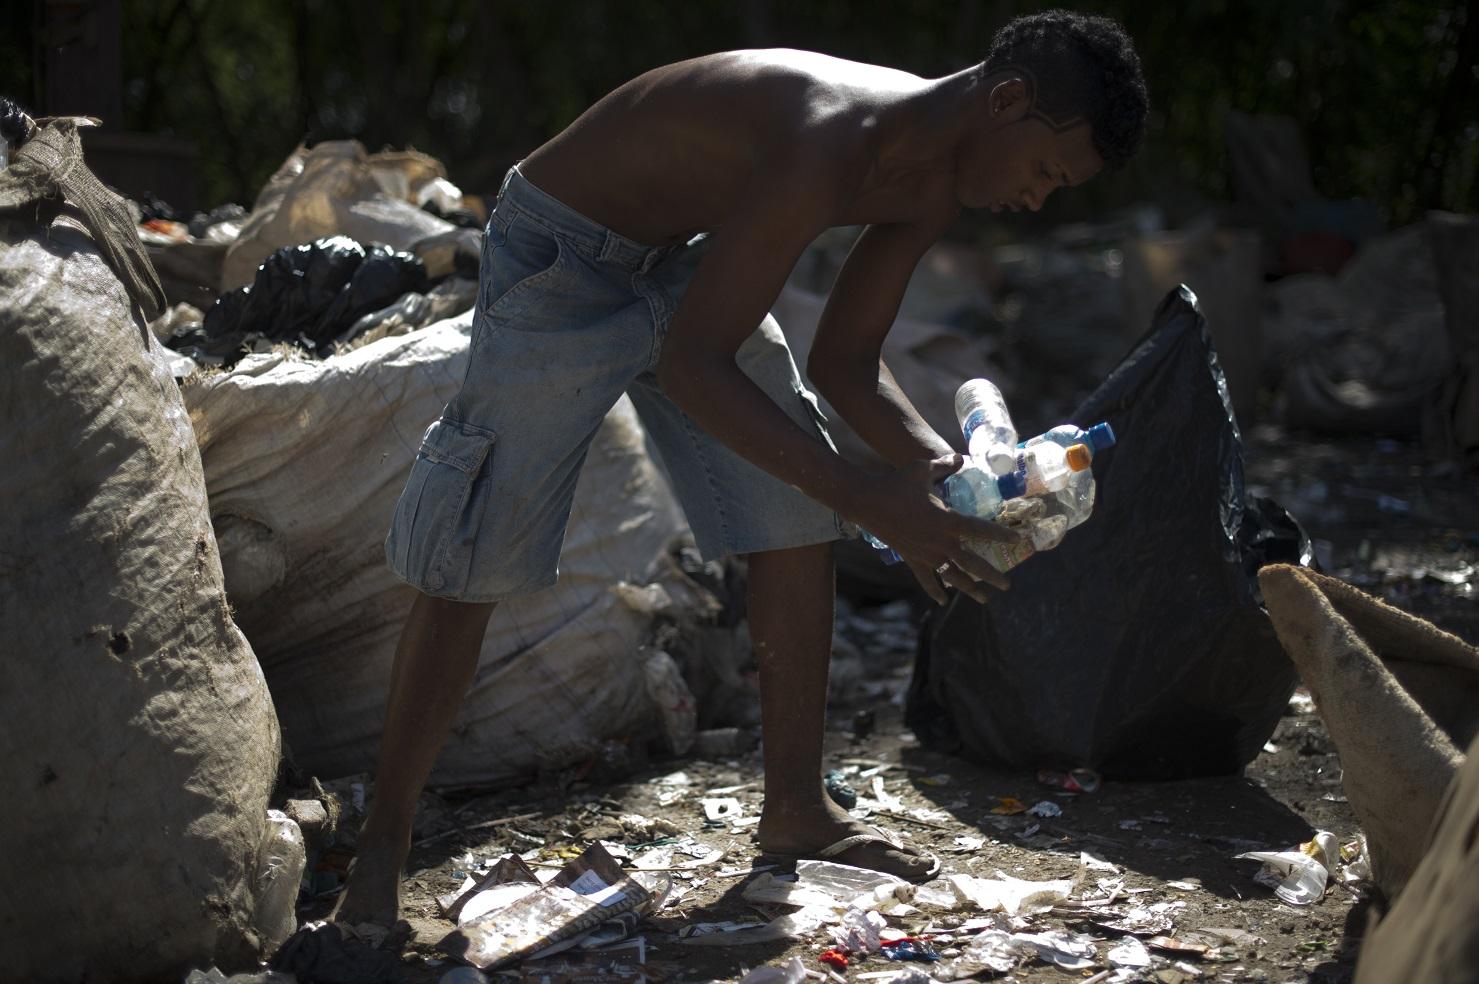 Catador separa os resíduos para reciclagem no Aterro de Jardim Gramacho, no Rio. Foto Christophe Simon/AFP